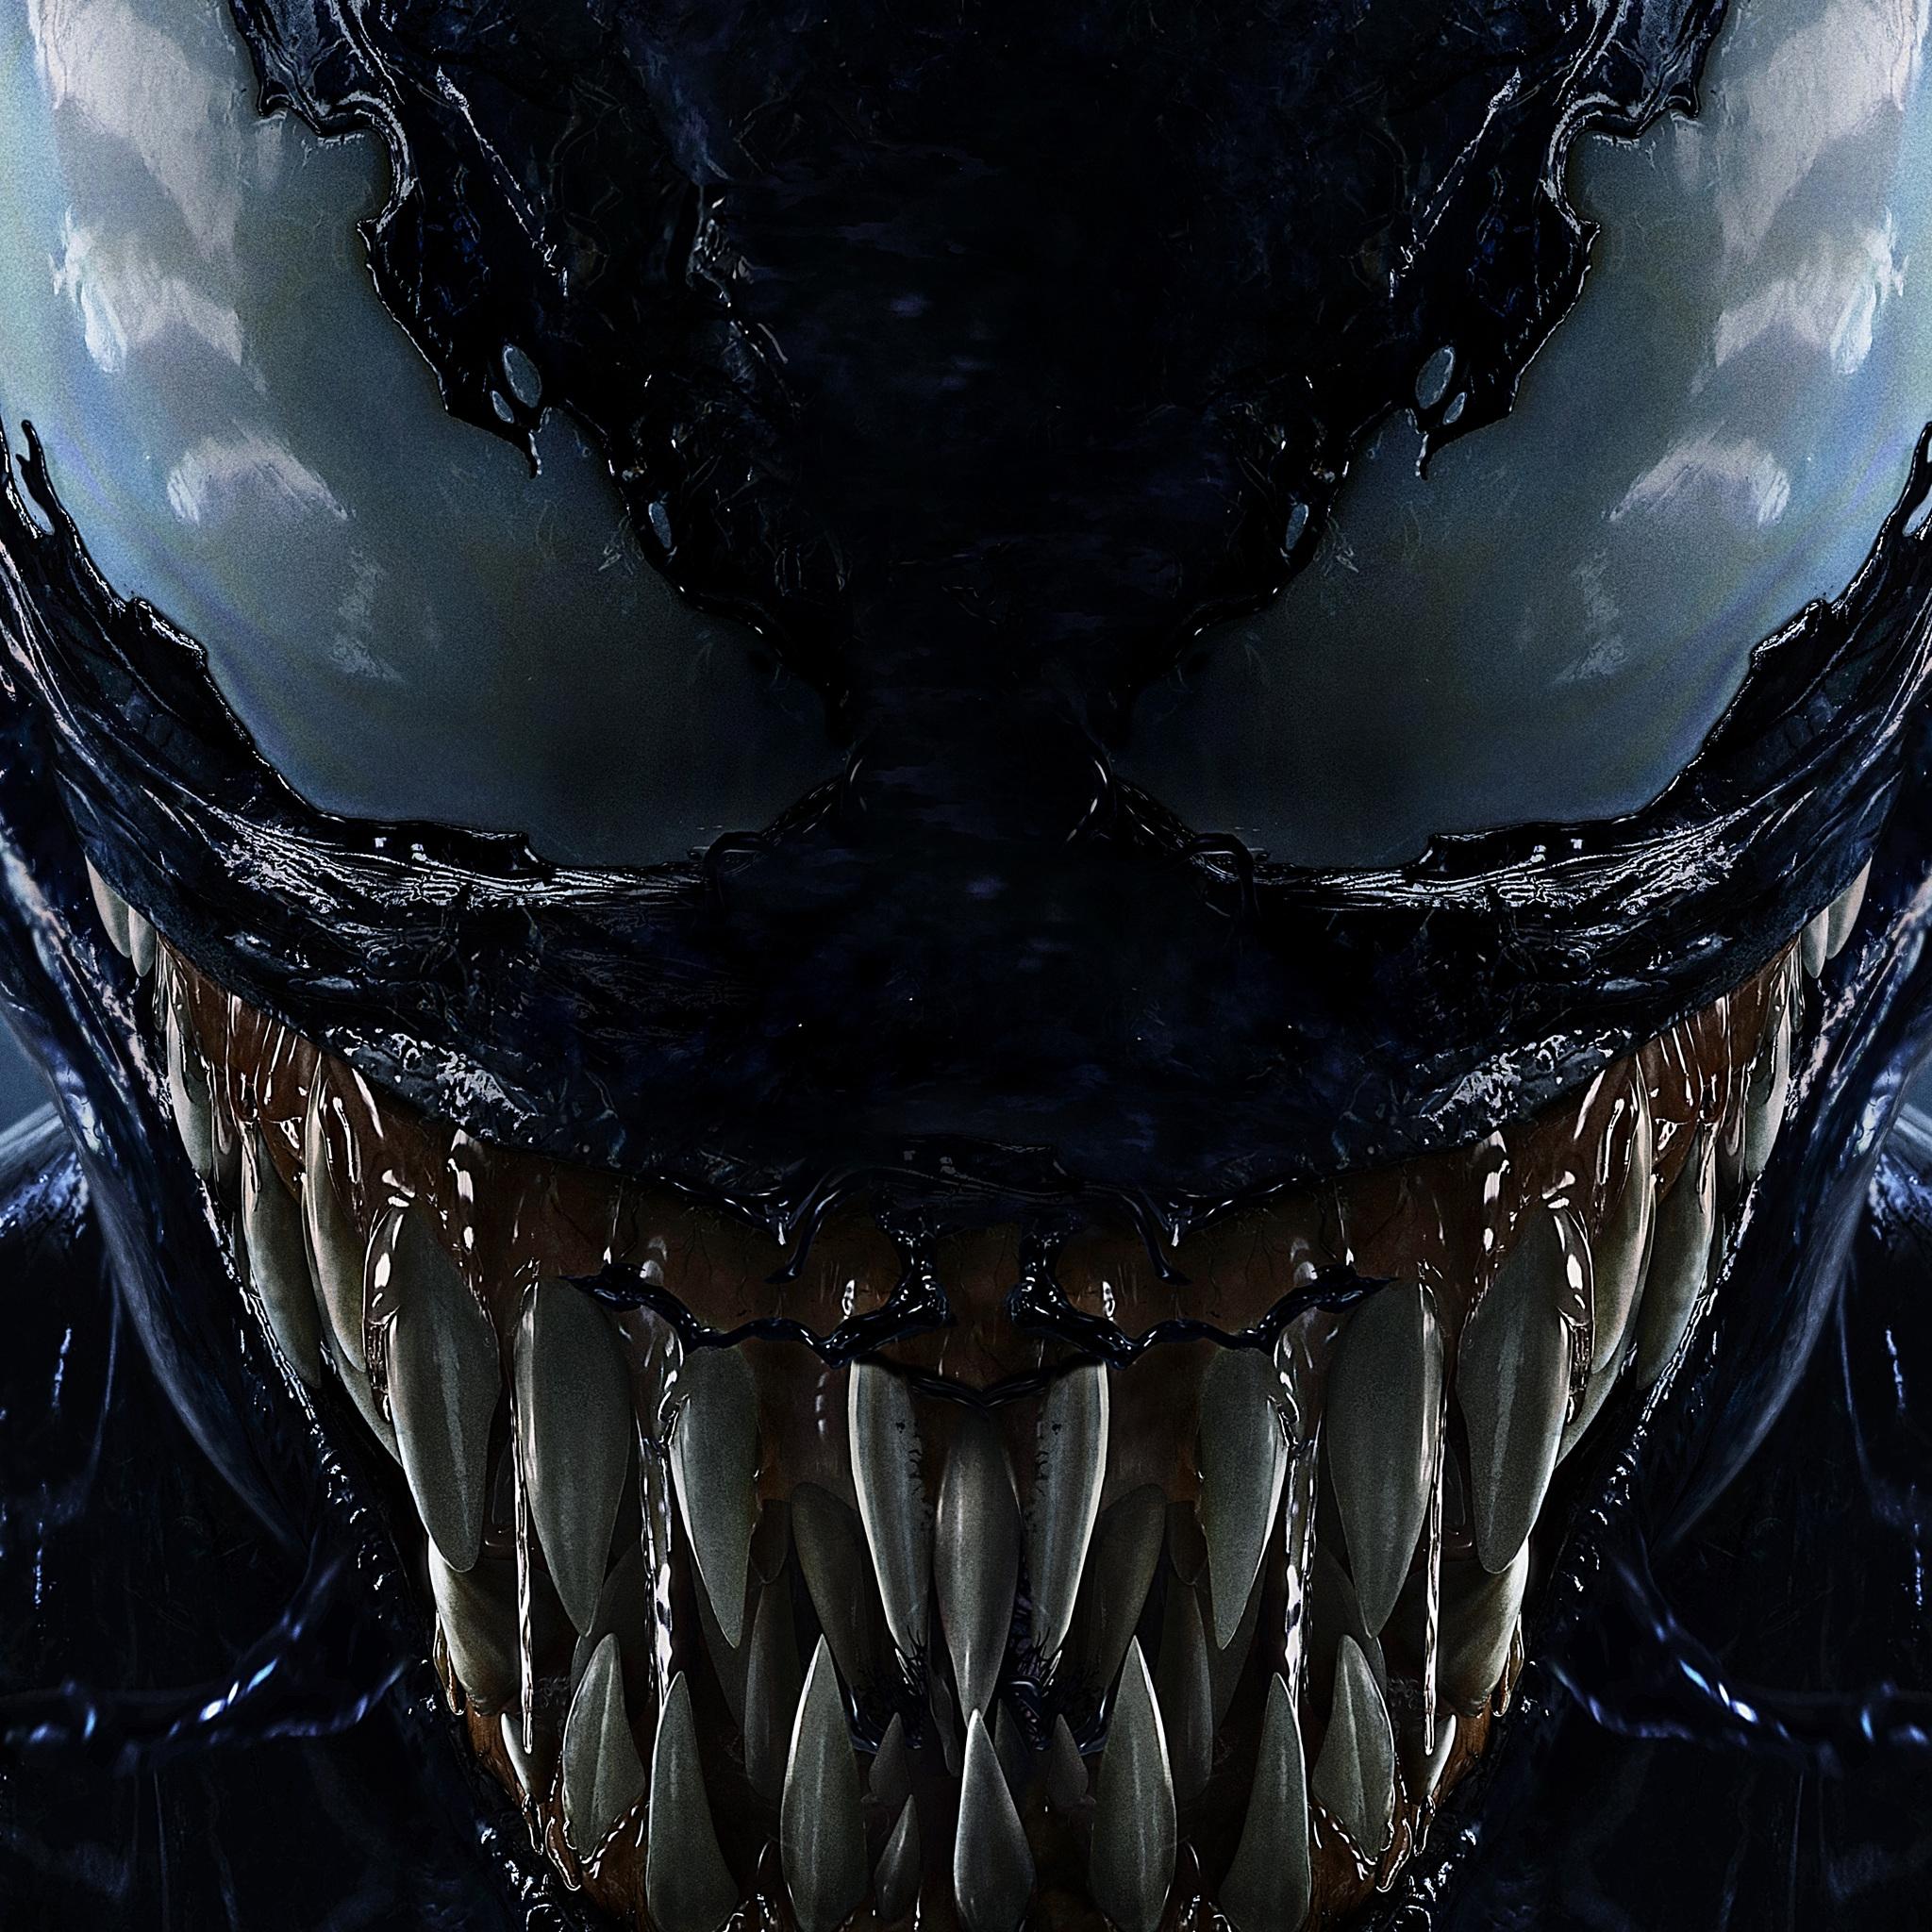 venom-movie-2018-10k-key-art-l1.jpg